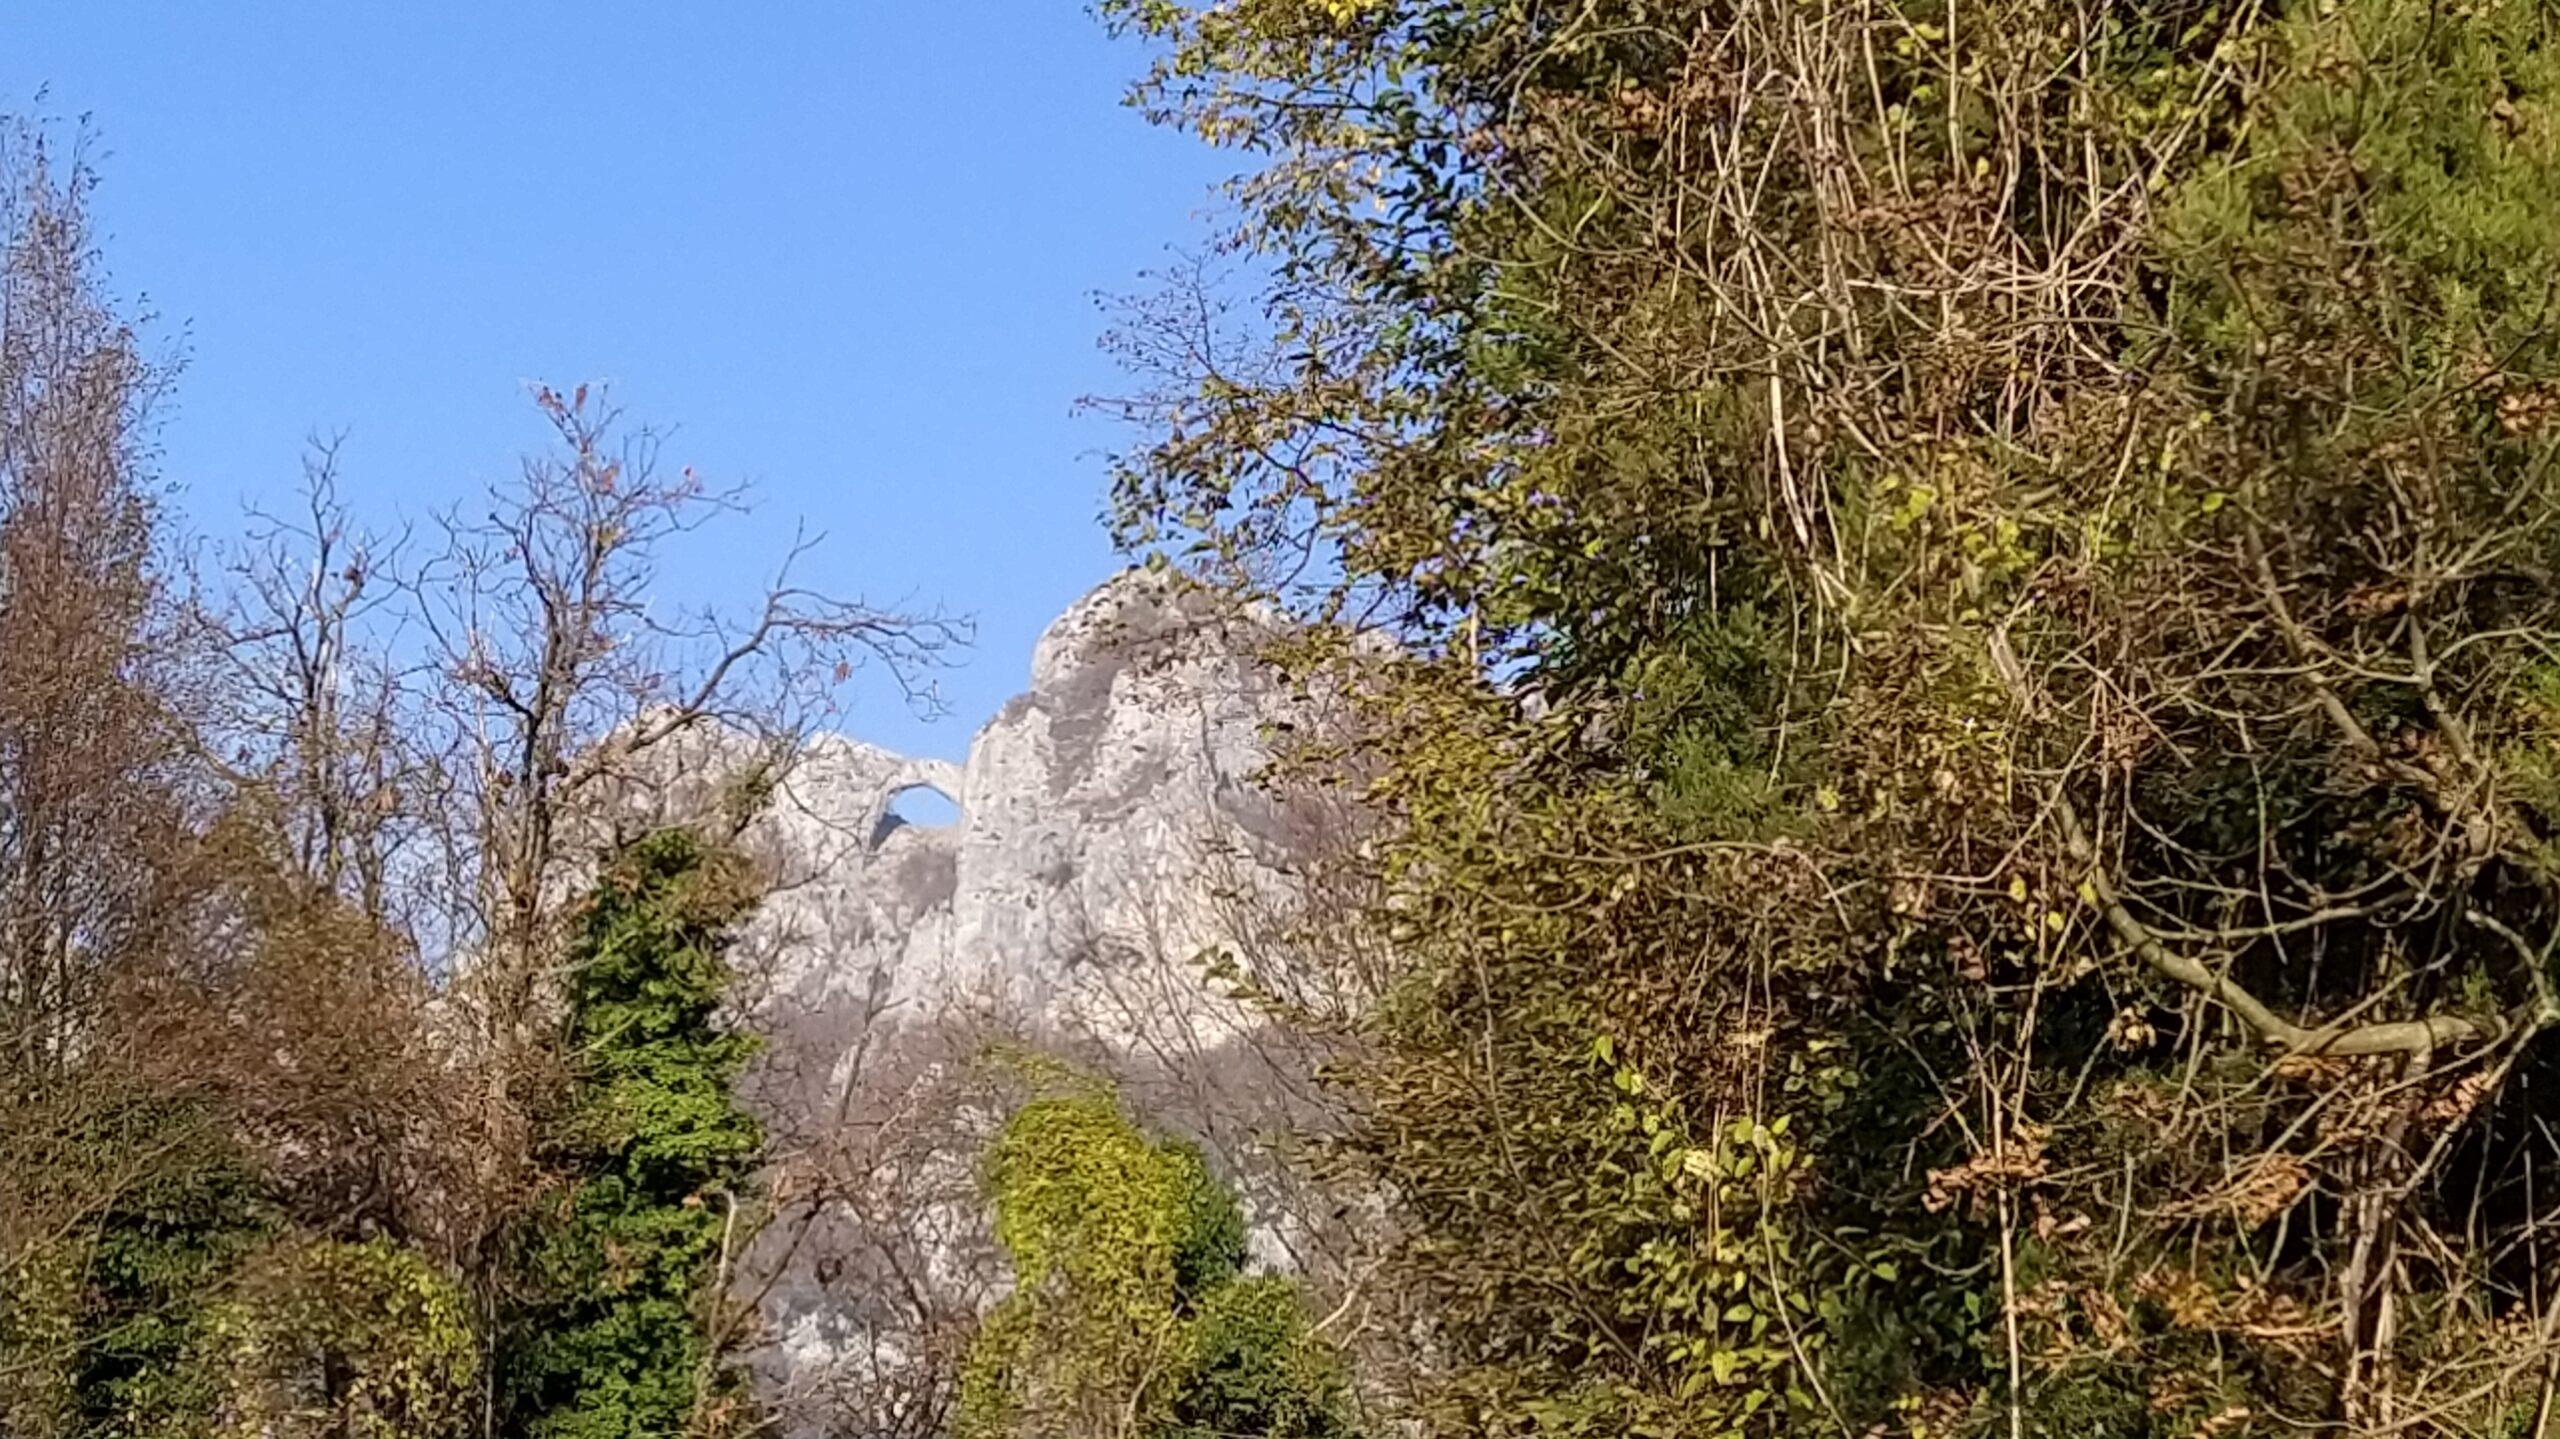 Monte Forato da lontano